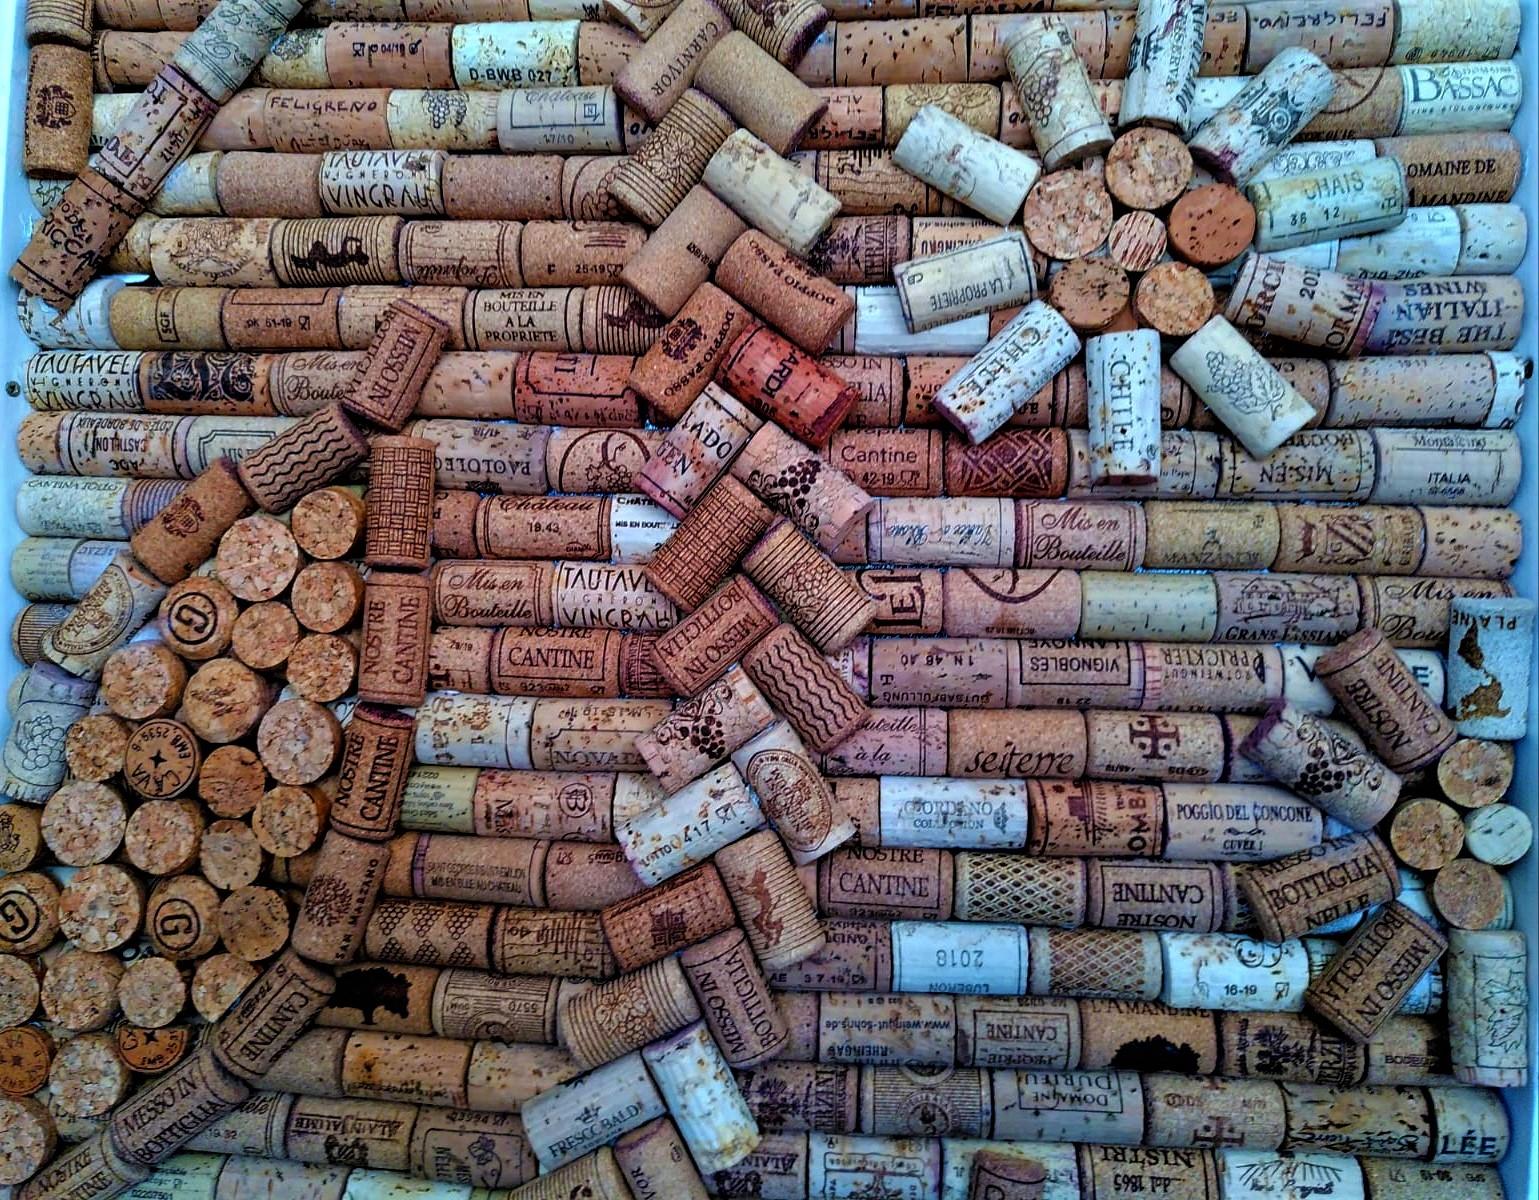 Wine cork door